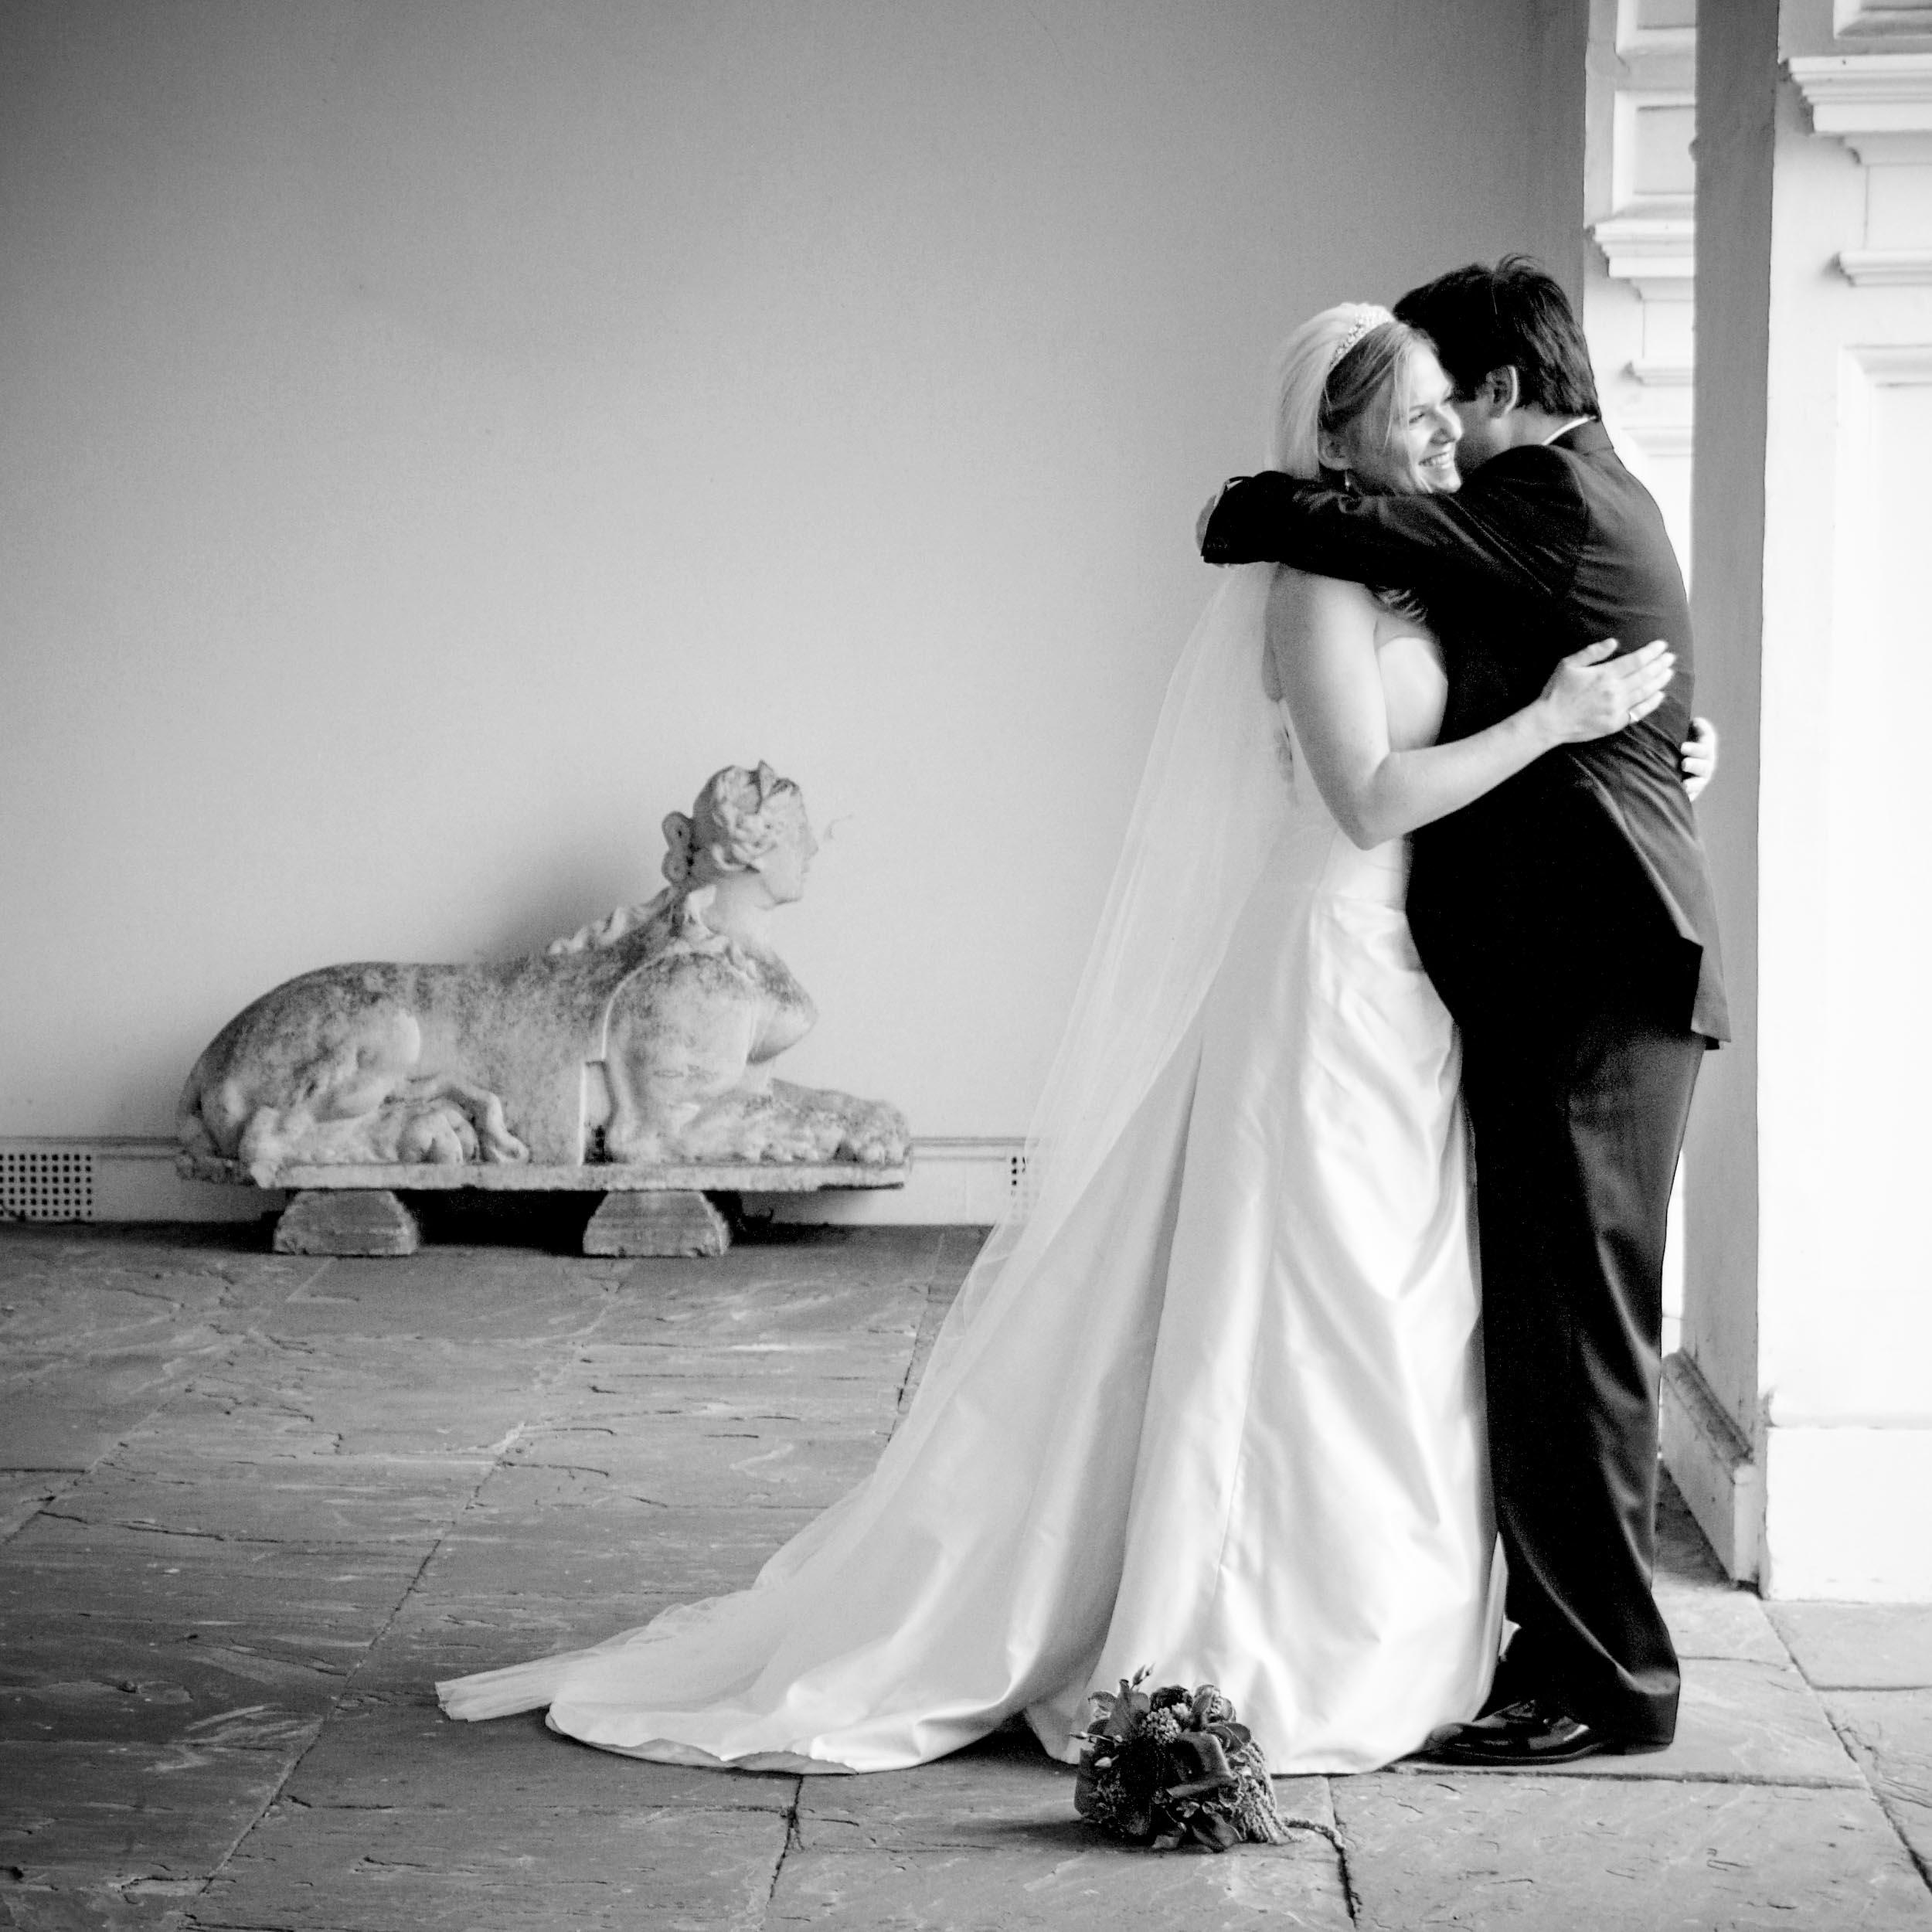 wedding-bride-groom-embrace-1.jpg